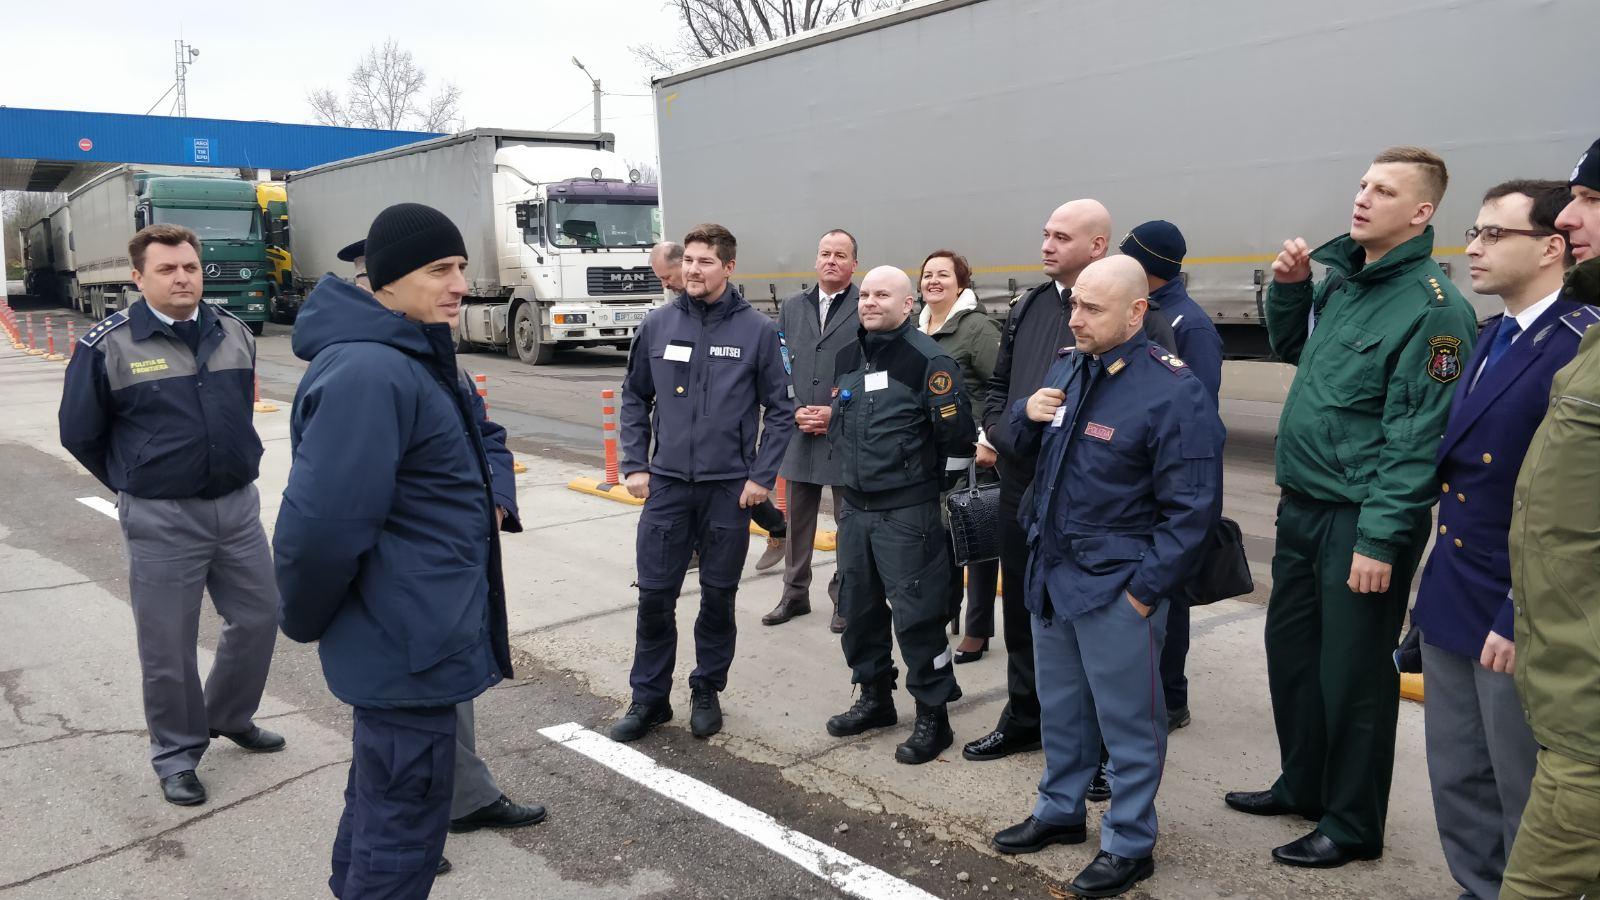 FOTO | Cursanți din Uniunea Europeană în vizită în punctul de trecere Sculeni